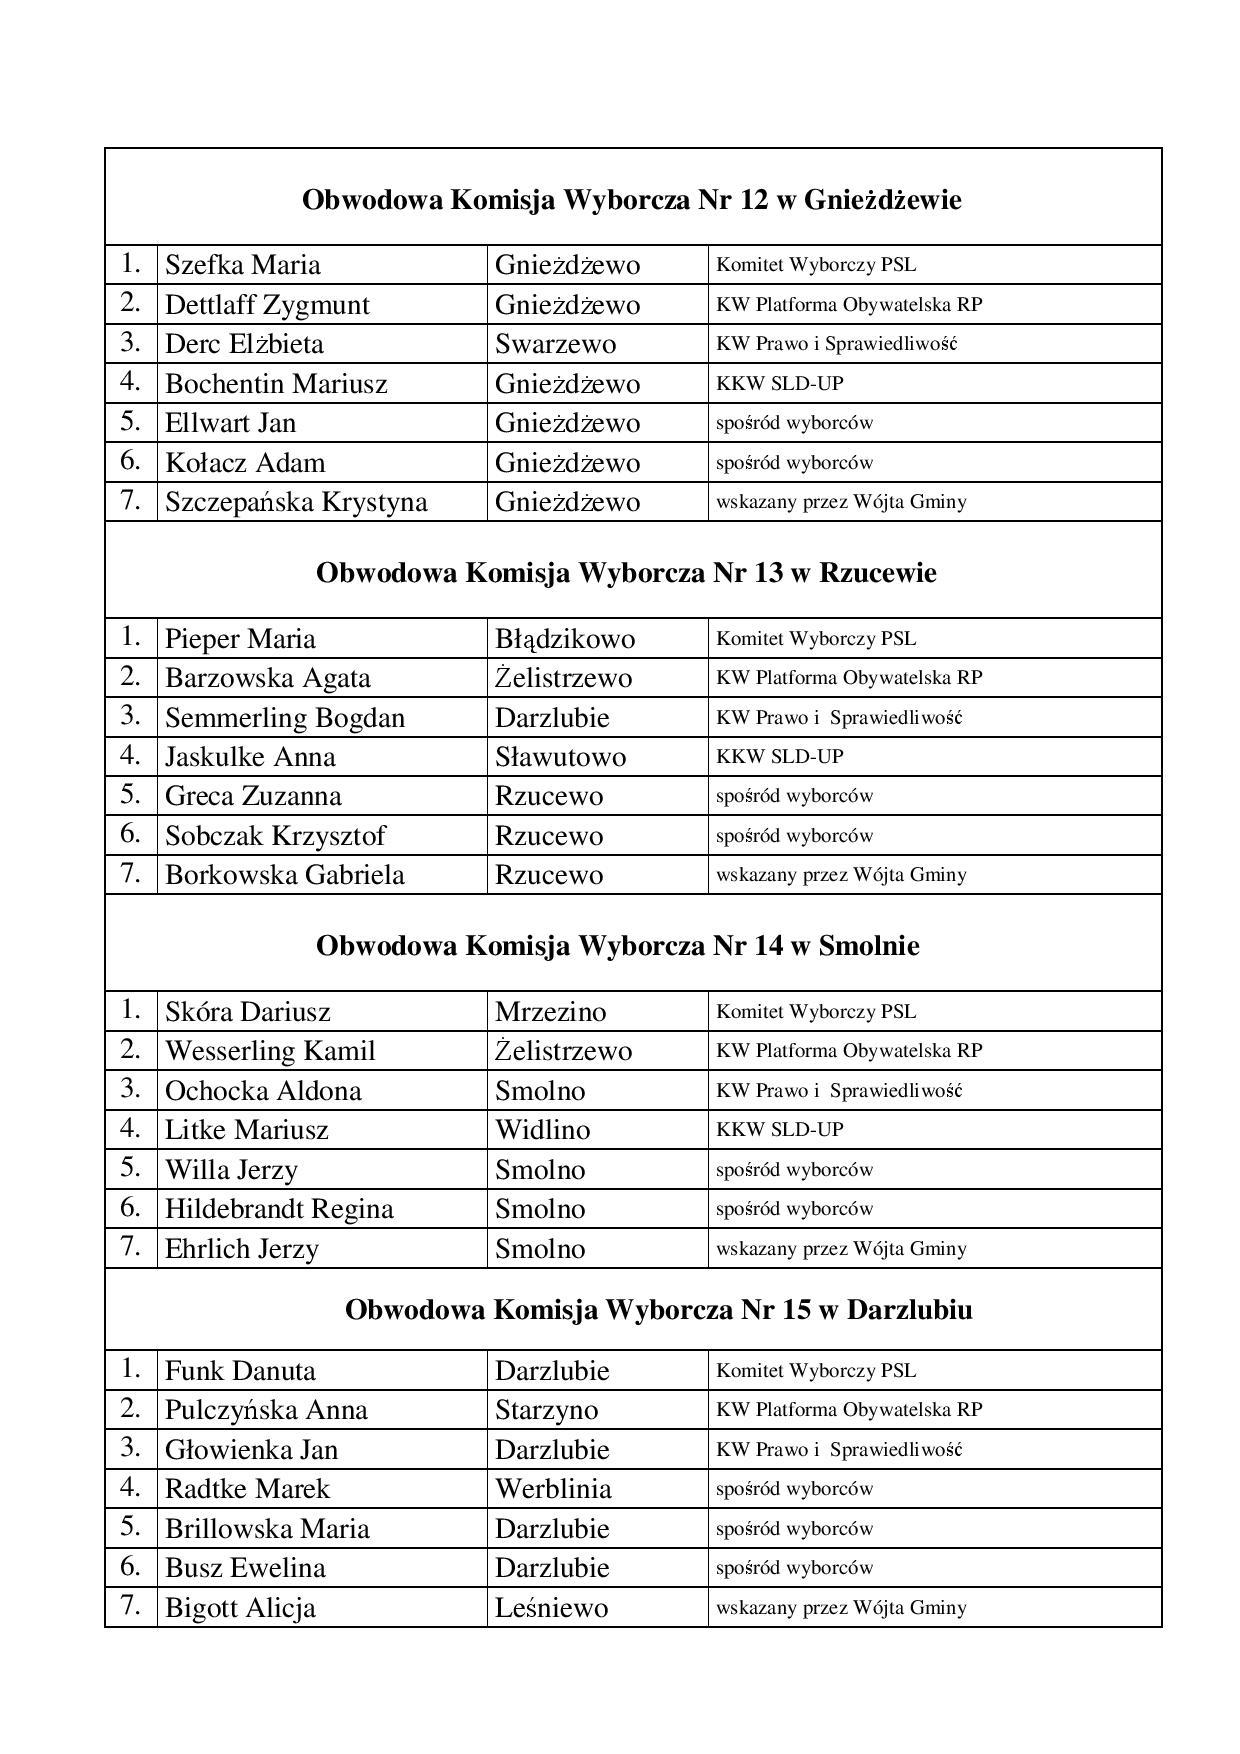 Zarządzenie 81-2014 powołanie OKW - PE-page-004